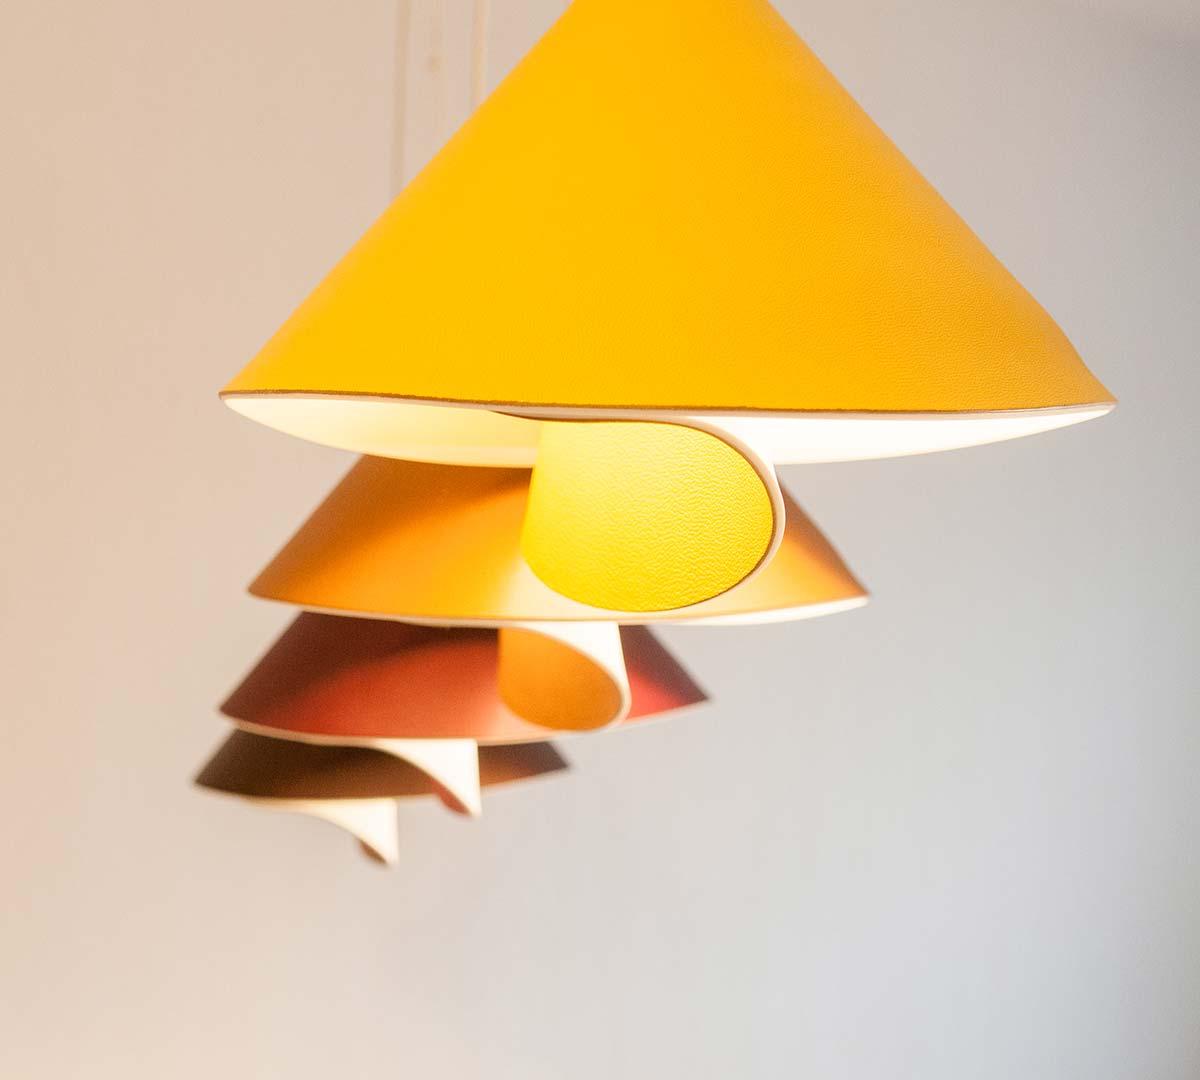 Tulip by HI-MACS, Design Pierre Cabrera